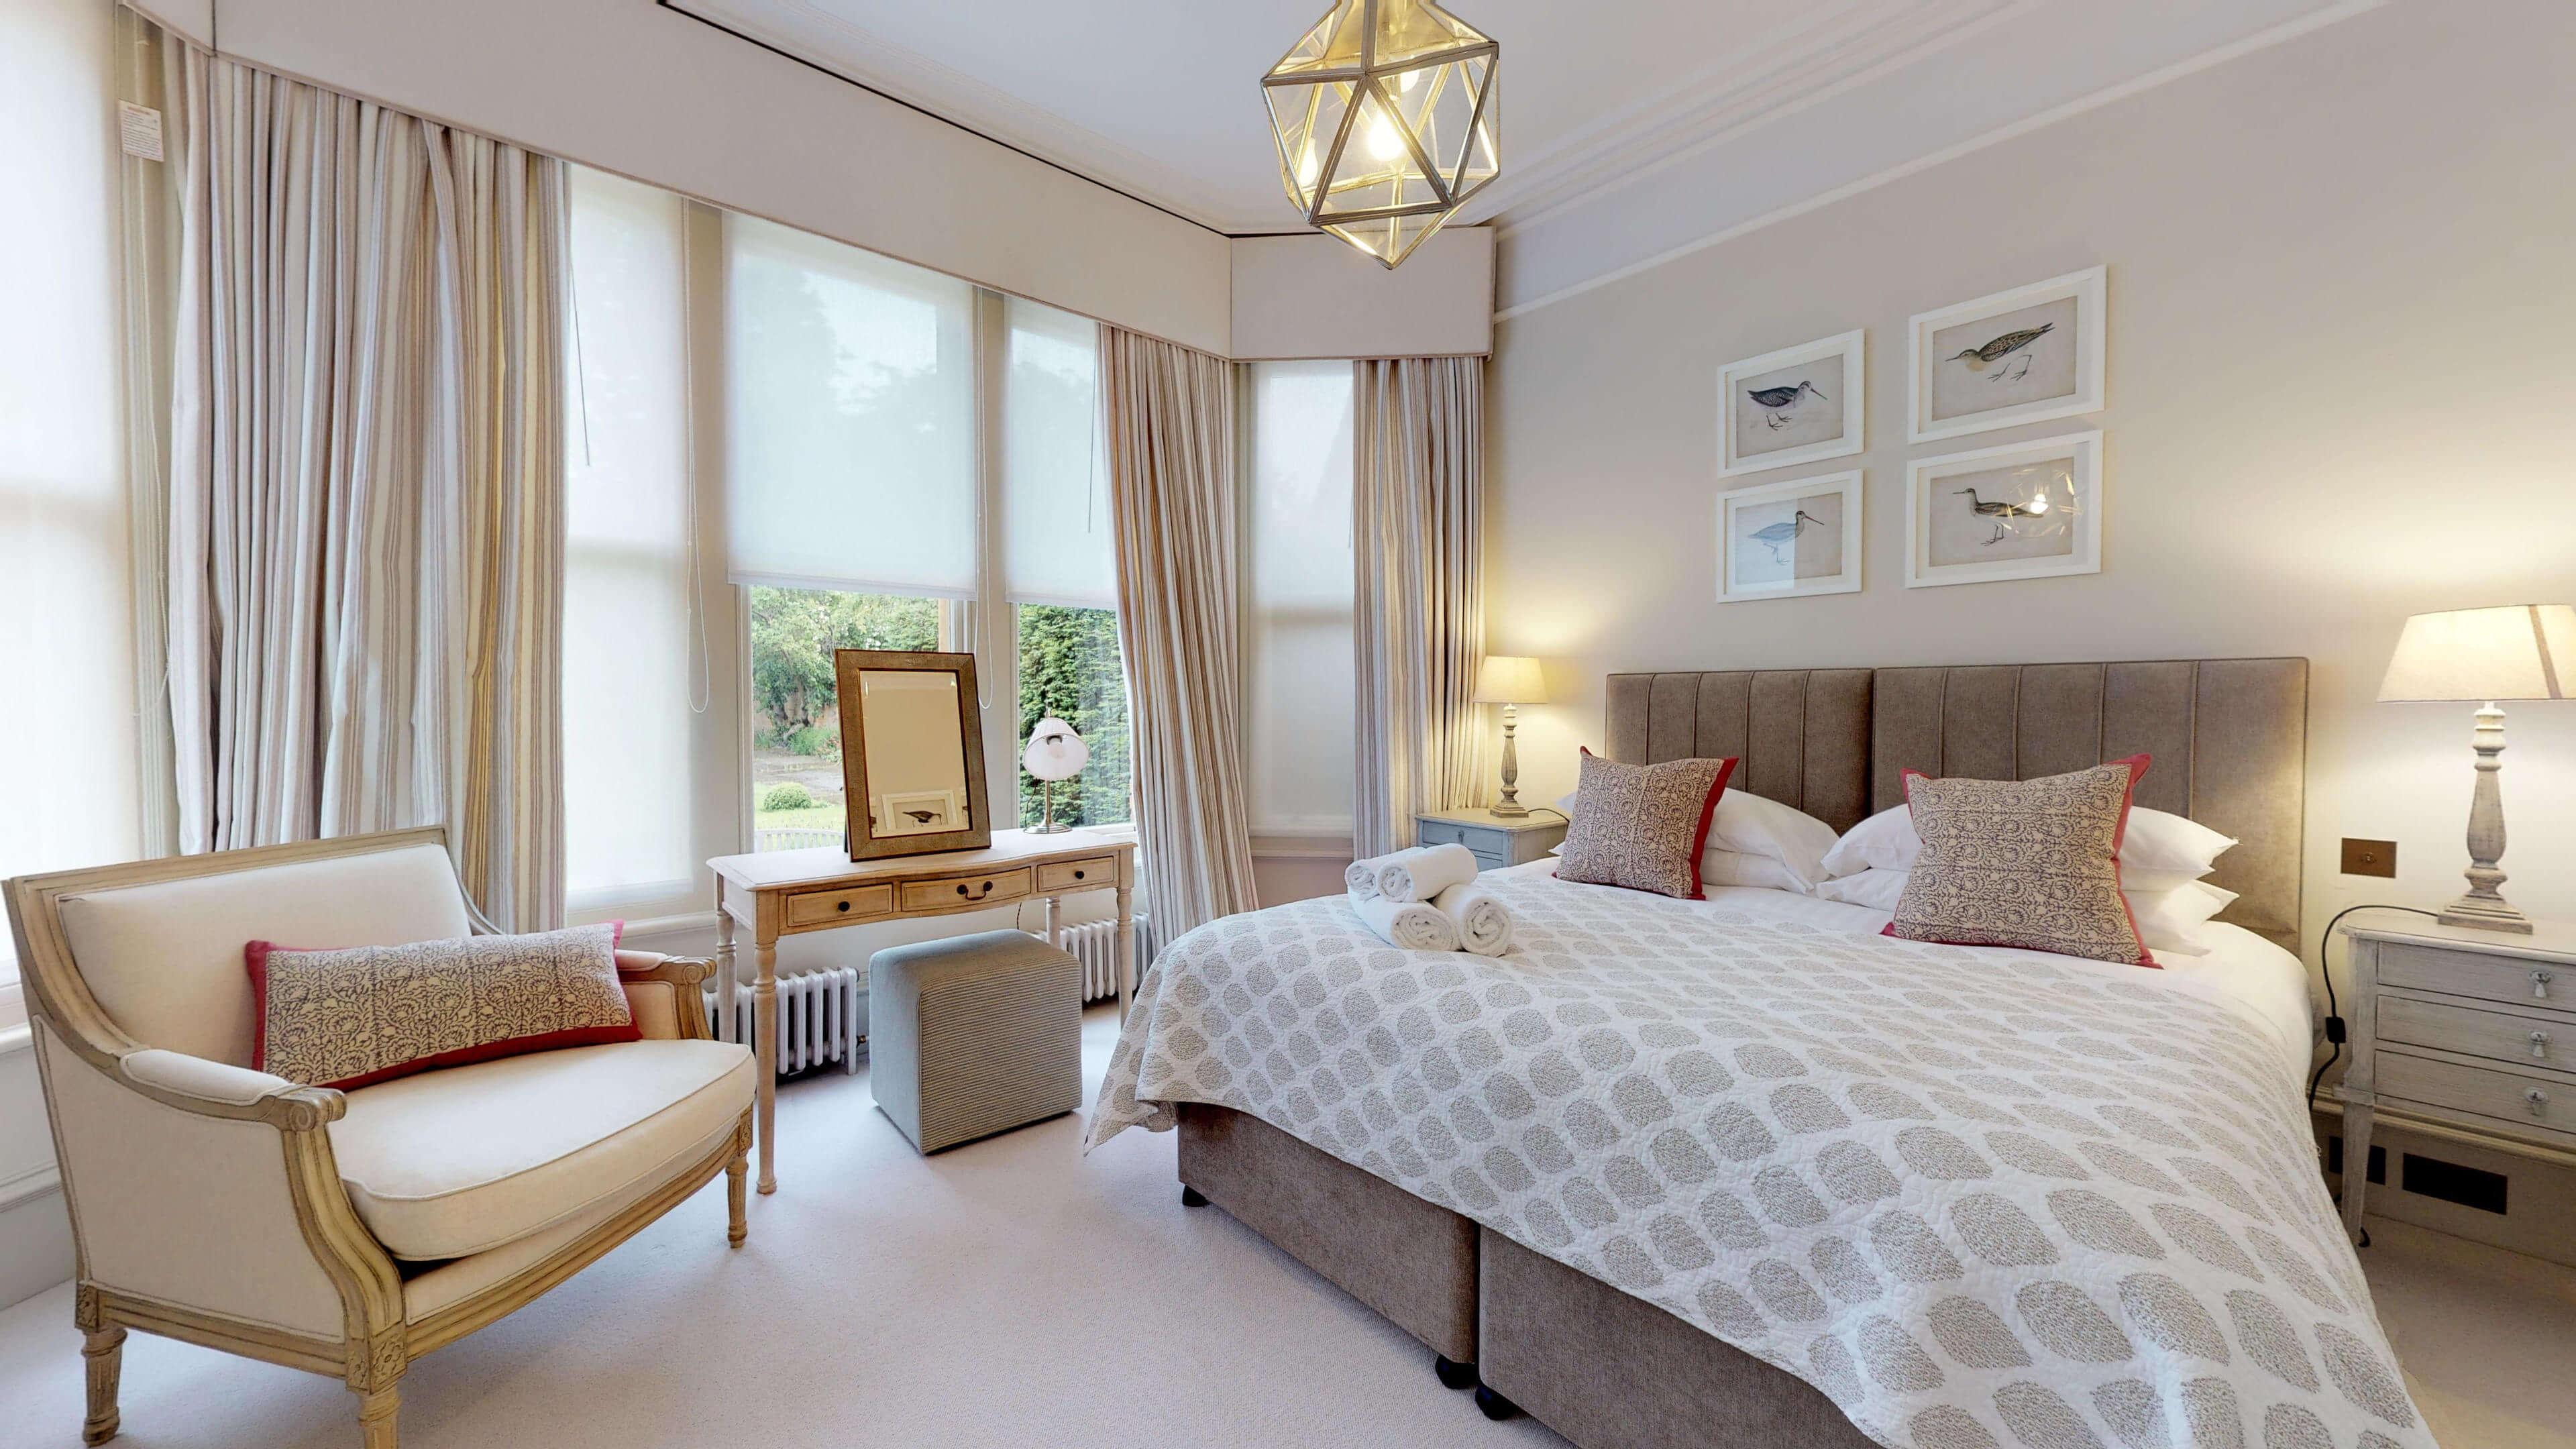 Rawlinson Road Garden Suite 06272019 082135